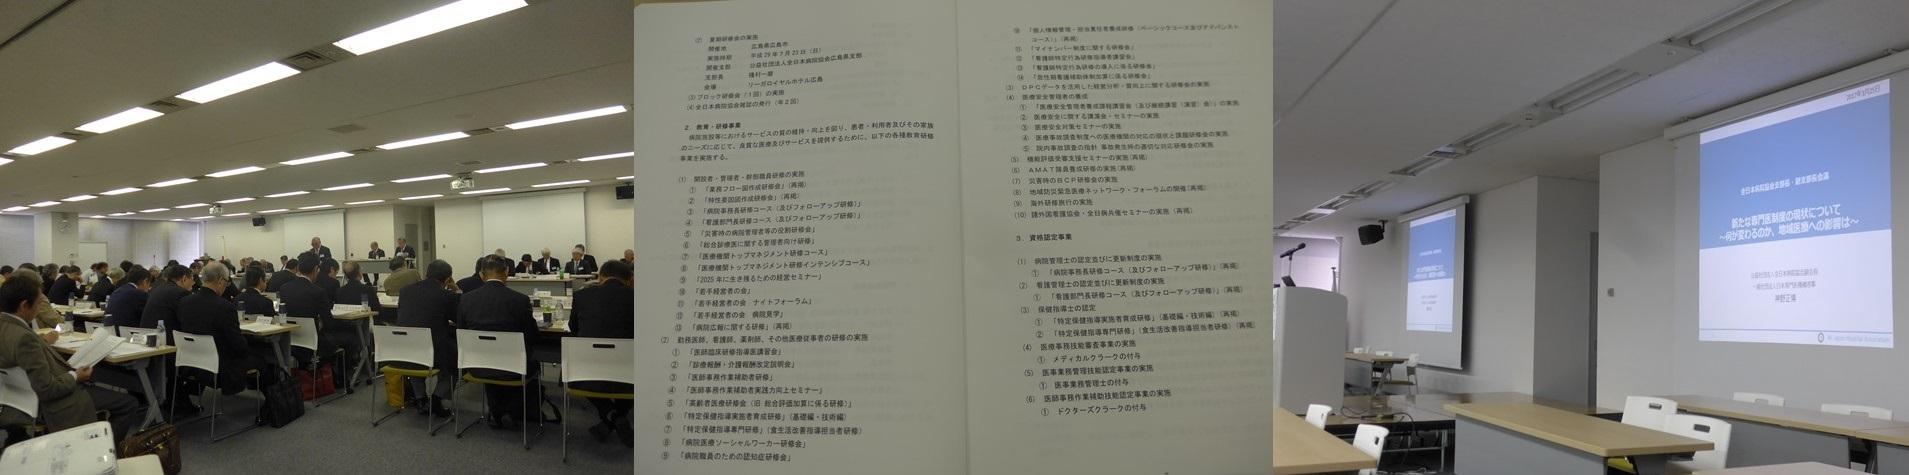 長氏の戦い続ける40年、全日病総会、そして「生活」安心のために_b0115629_19375515.jpg